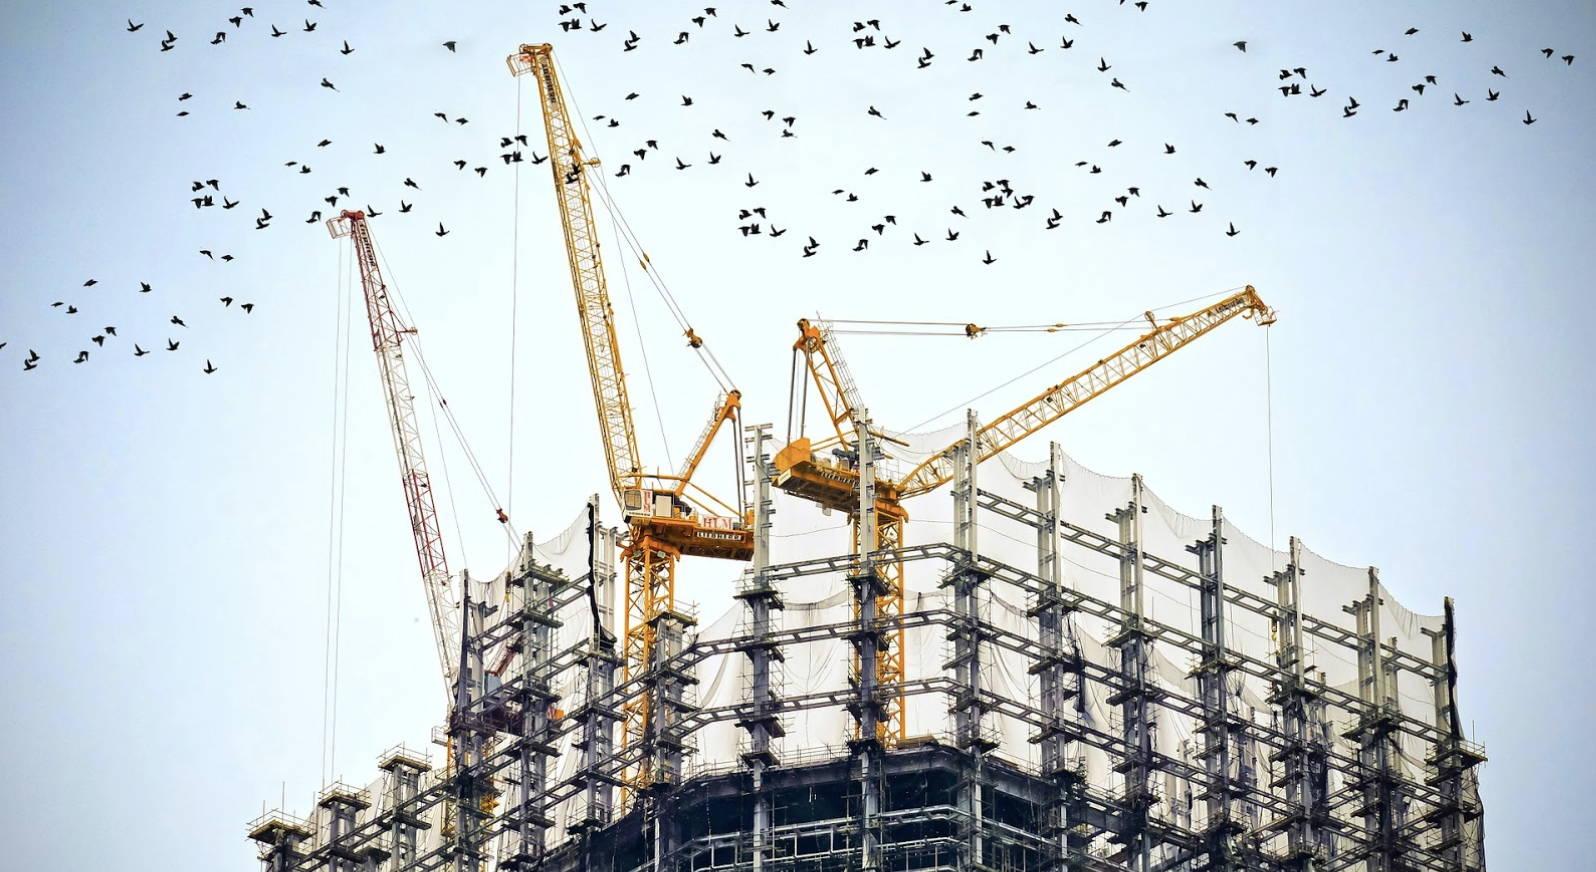 Kraner på en byggeplads, som henviser til investering i ejendom